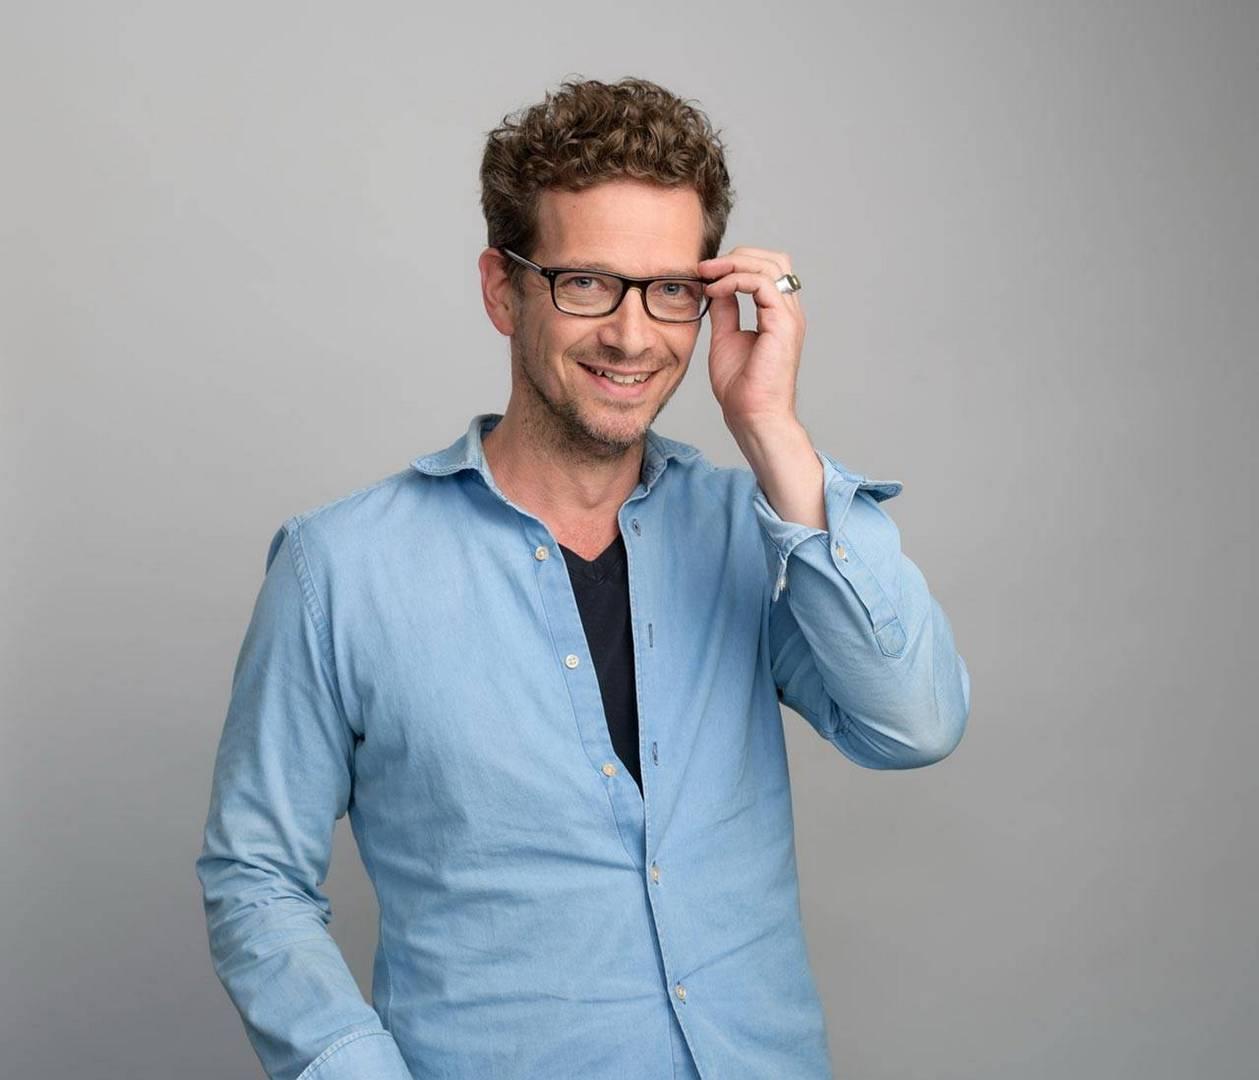 עמר קולקה, סמנכ״ל שיווק, קורנית דיגיטל